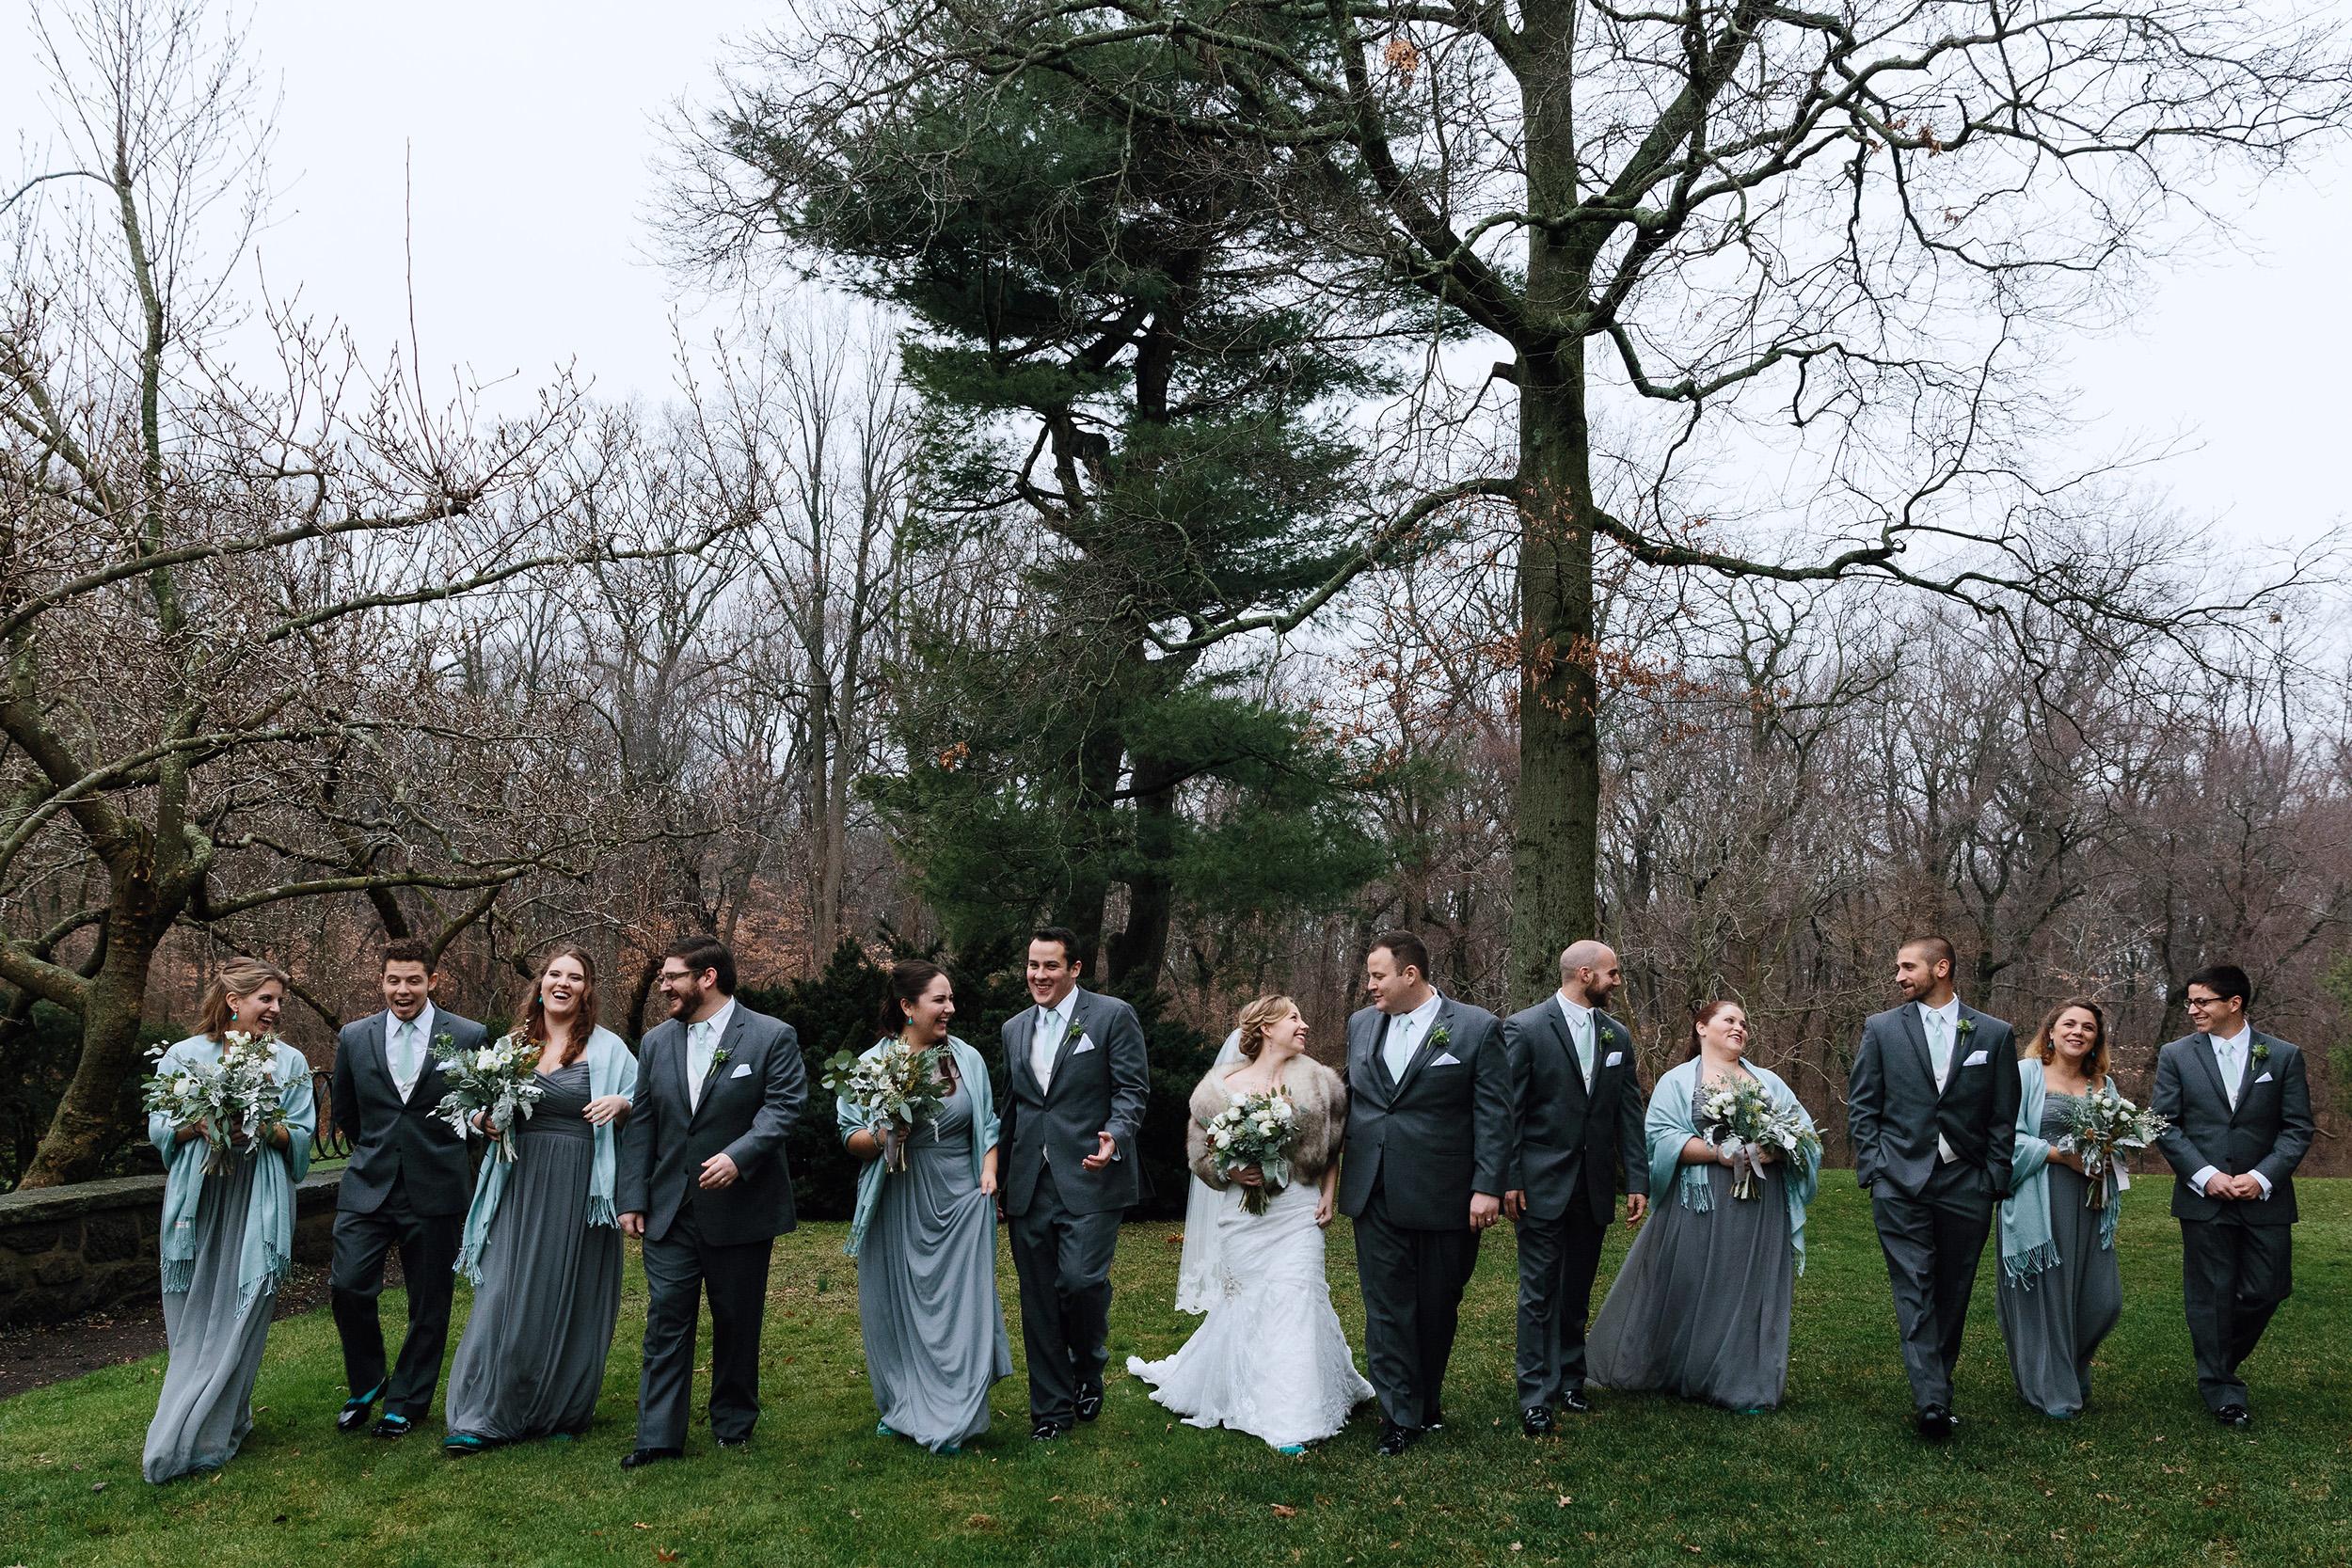 KarliCadel-Wedding-ElliePatrick-0337.jpg